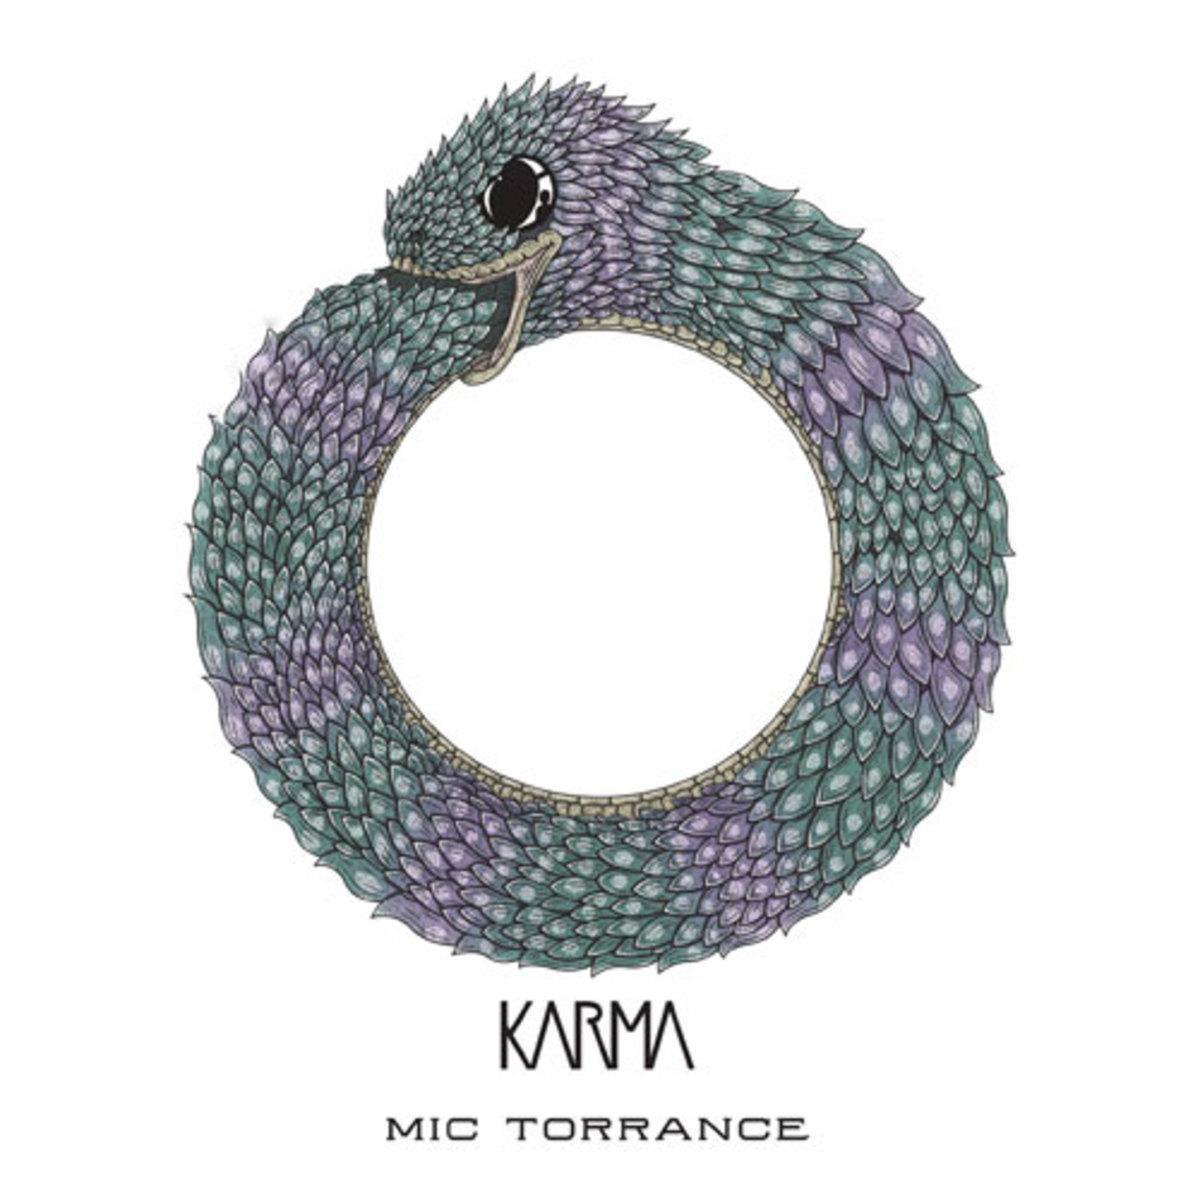 mic-torrance-karma.jpg